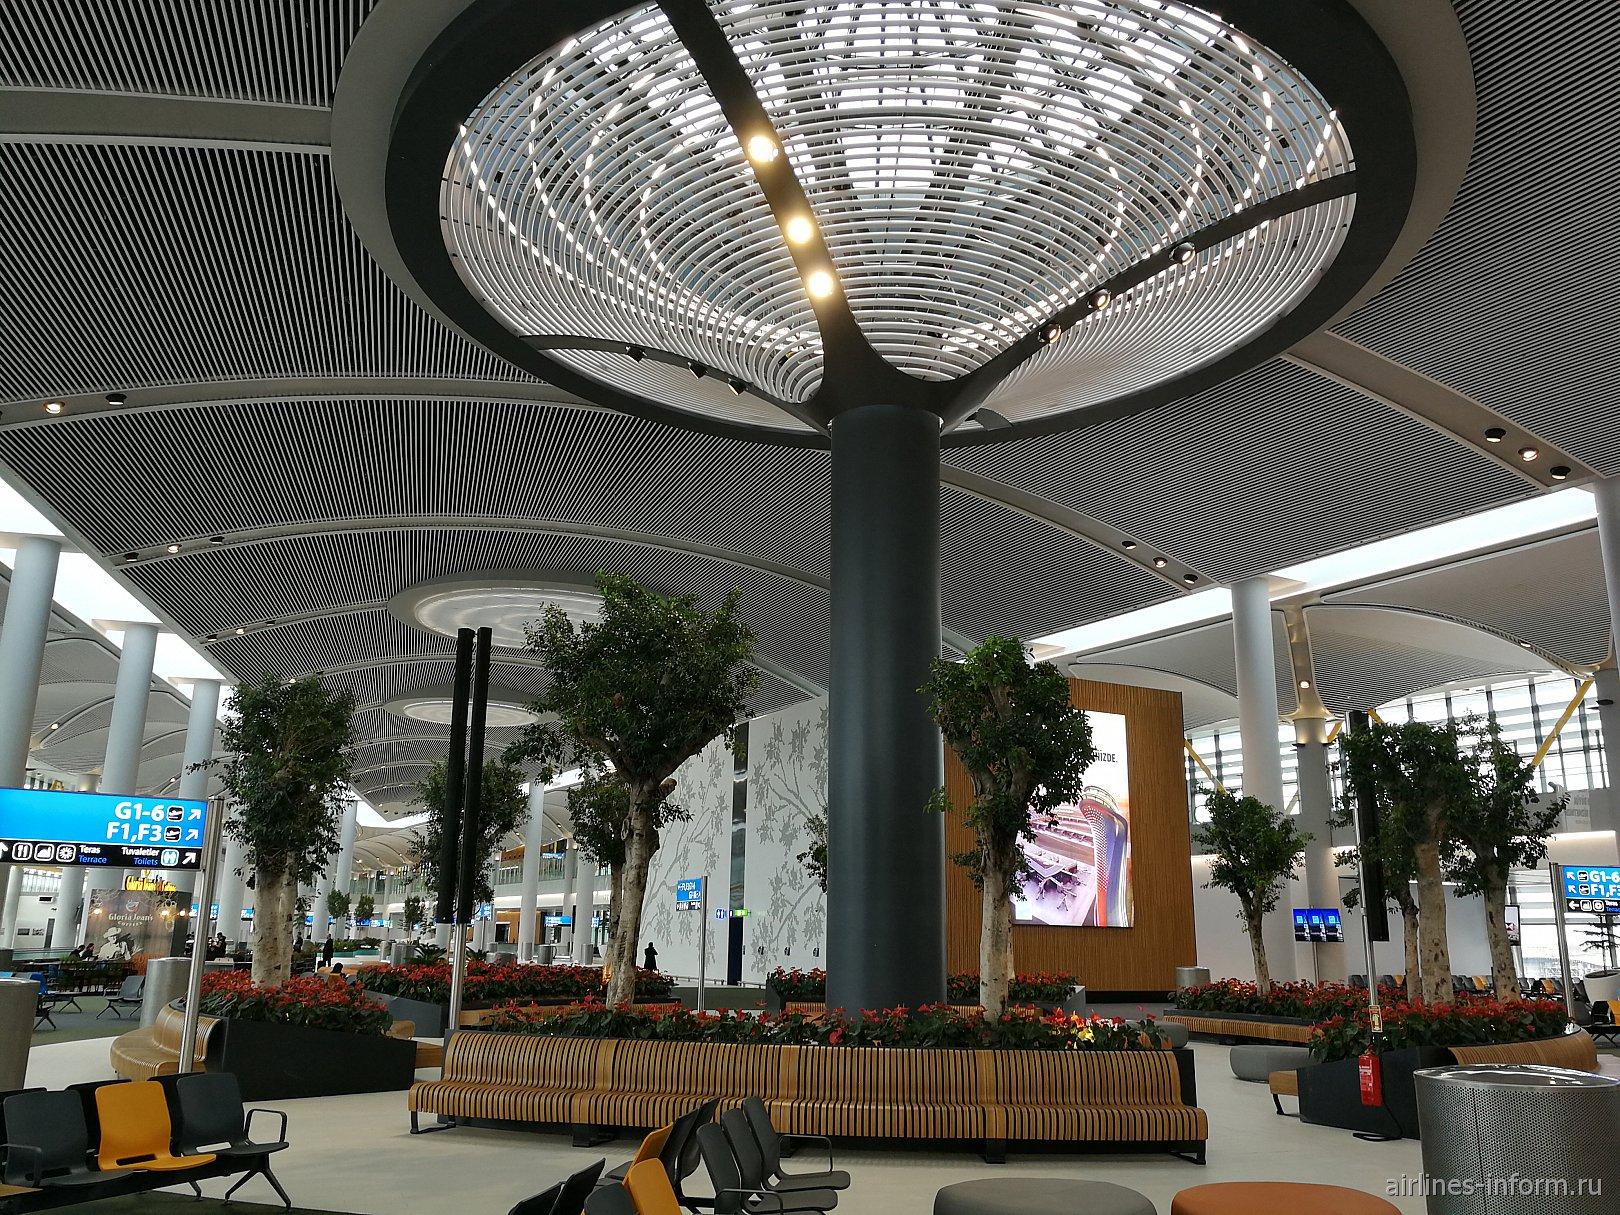 Зона отдыха в пассажирском терминале аэропорта Стамбул Новый